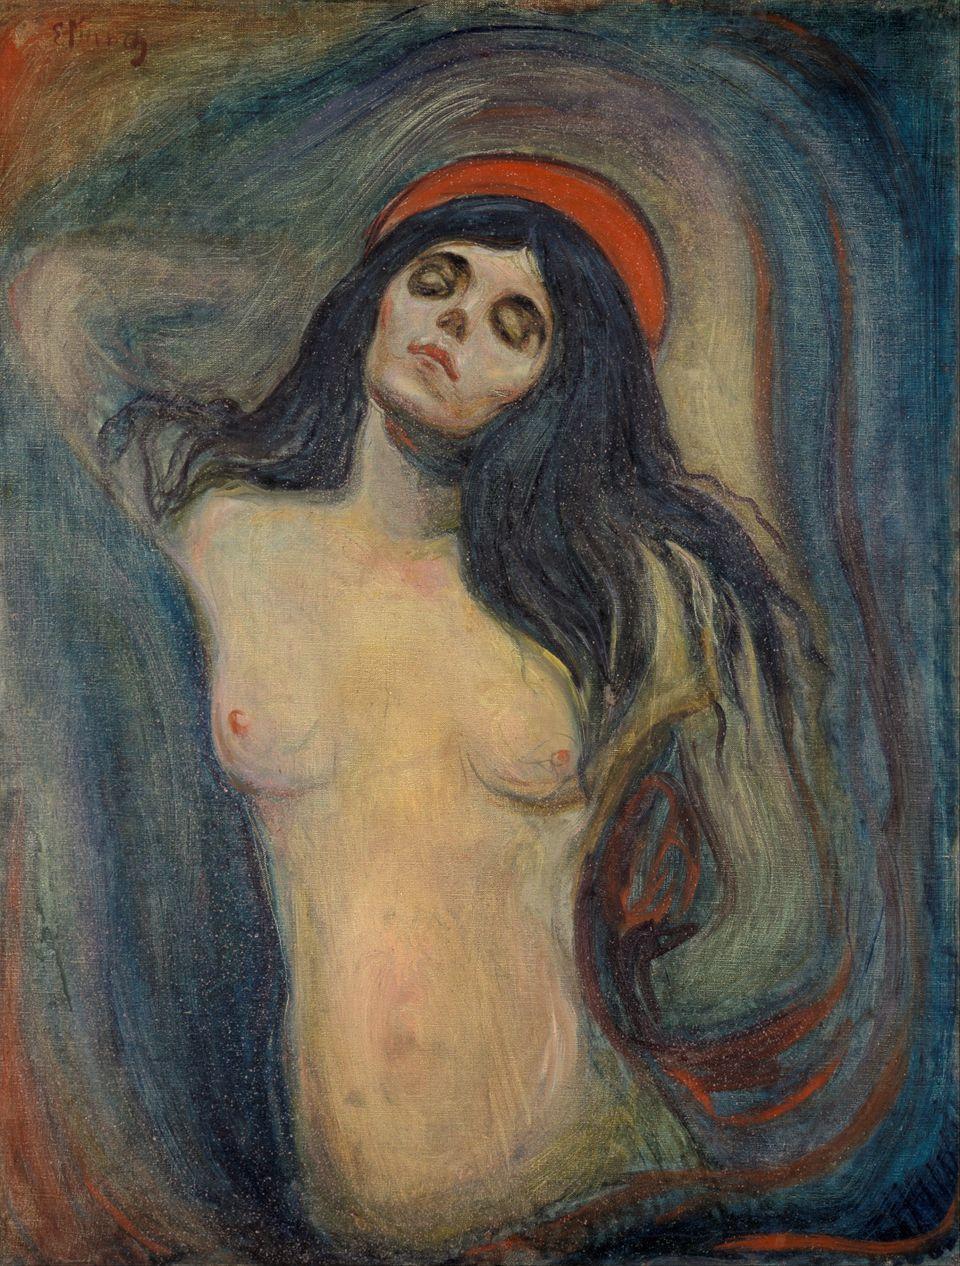 Εικόνα 2.Edvard Munch, Madonna, 1894, Munch